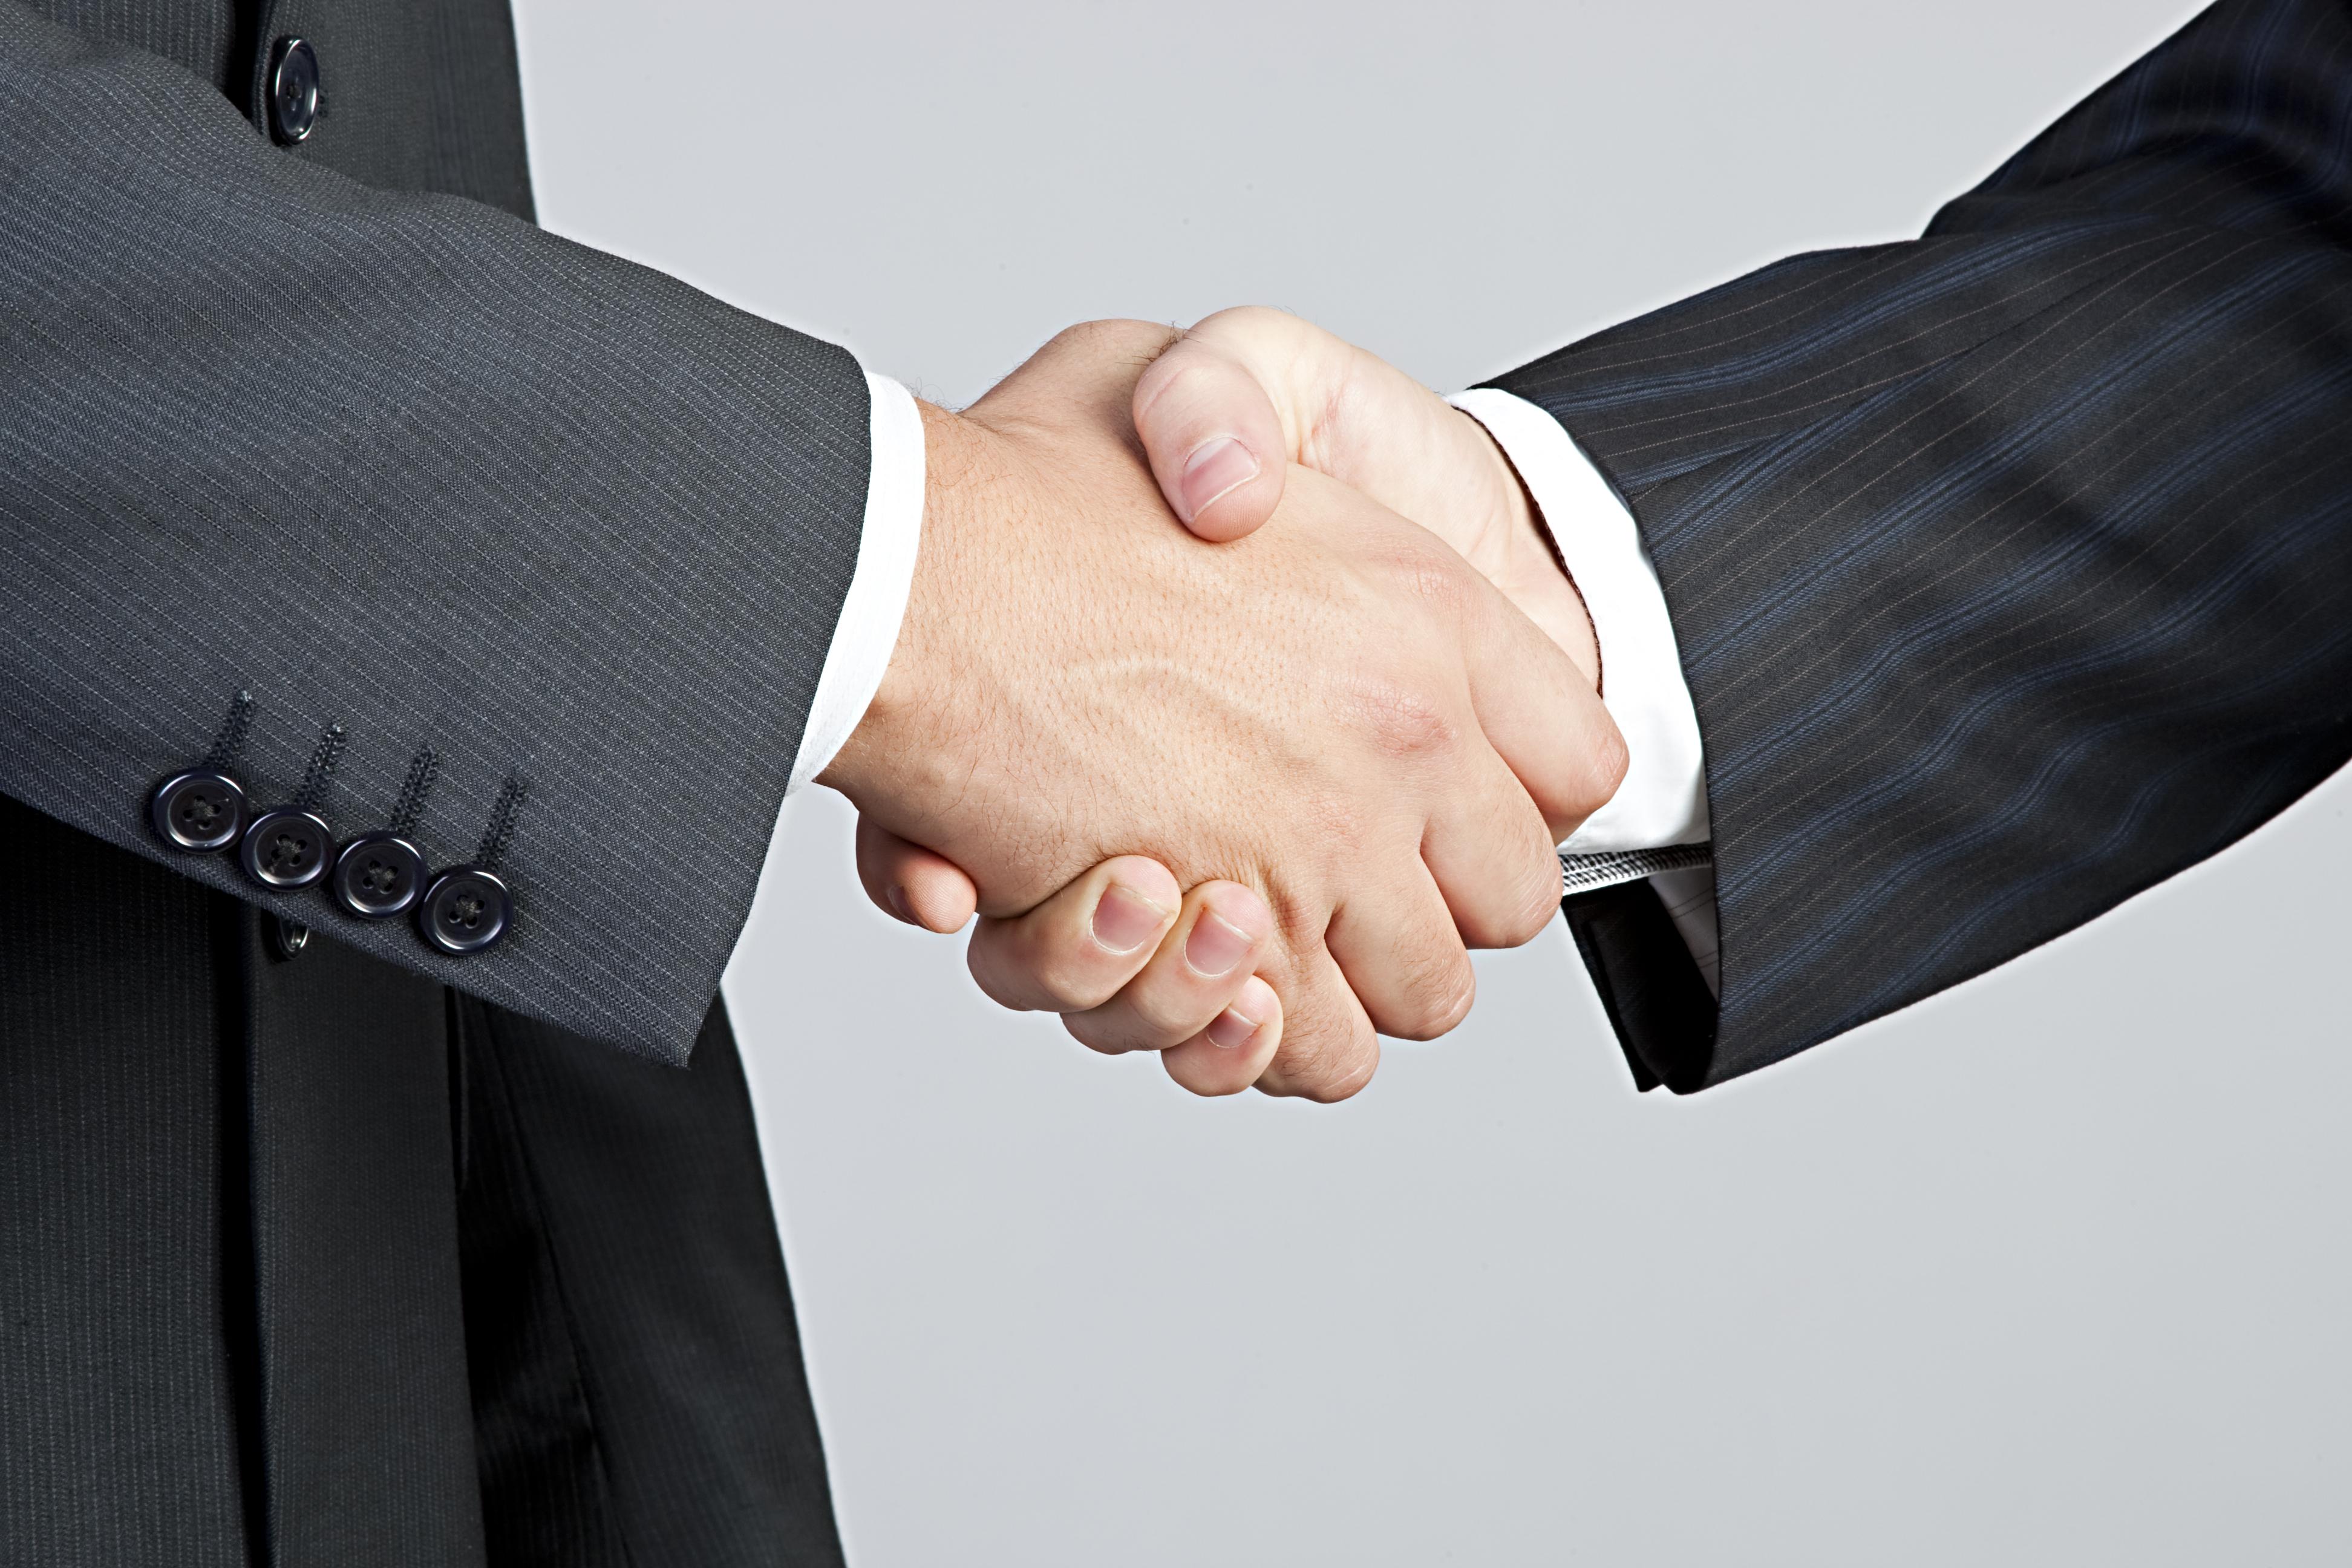 紳士協定を結ぶ